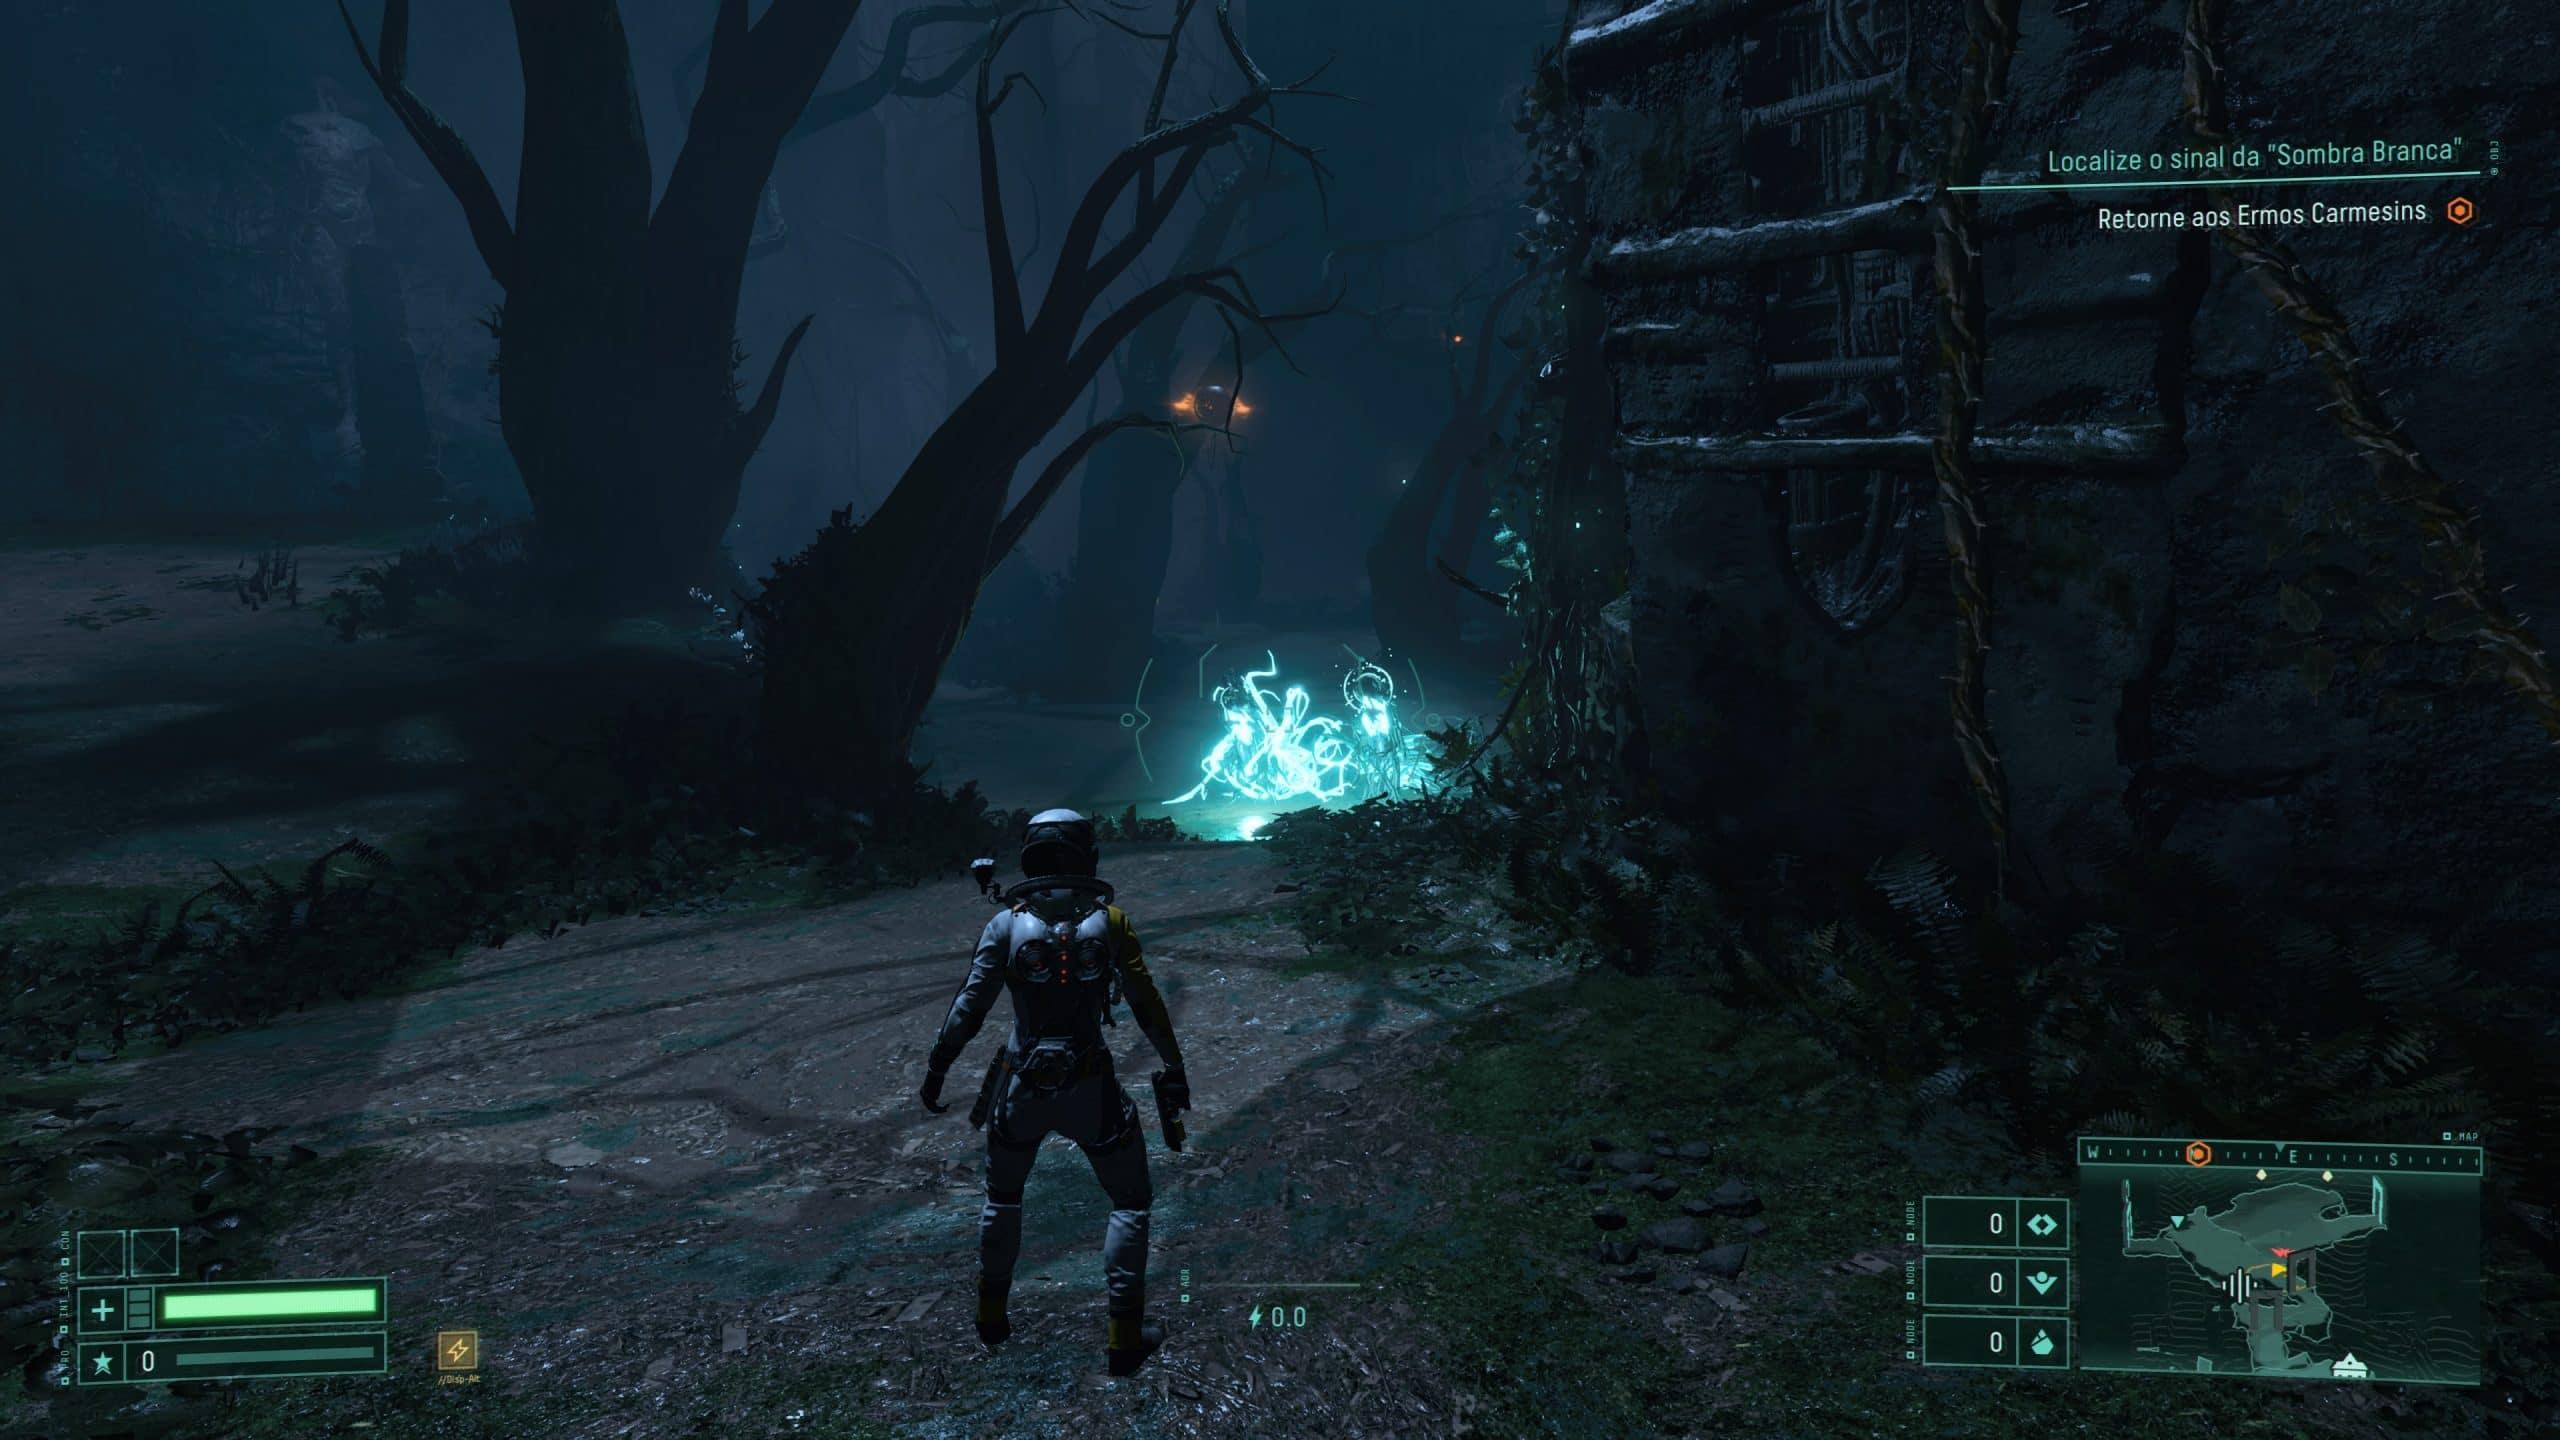 Variação do mapa deixa o jogador doido em Returnal (Foto: Reprodução/Thiago Barros)